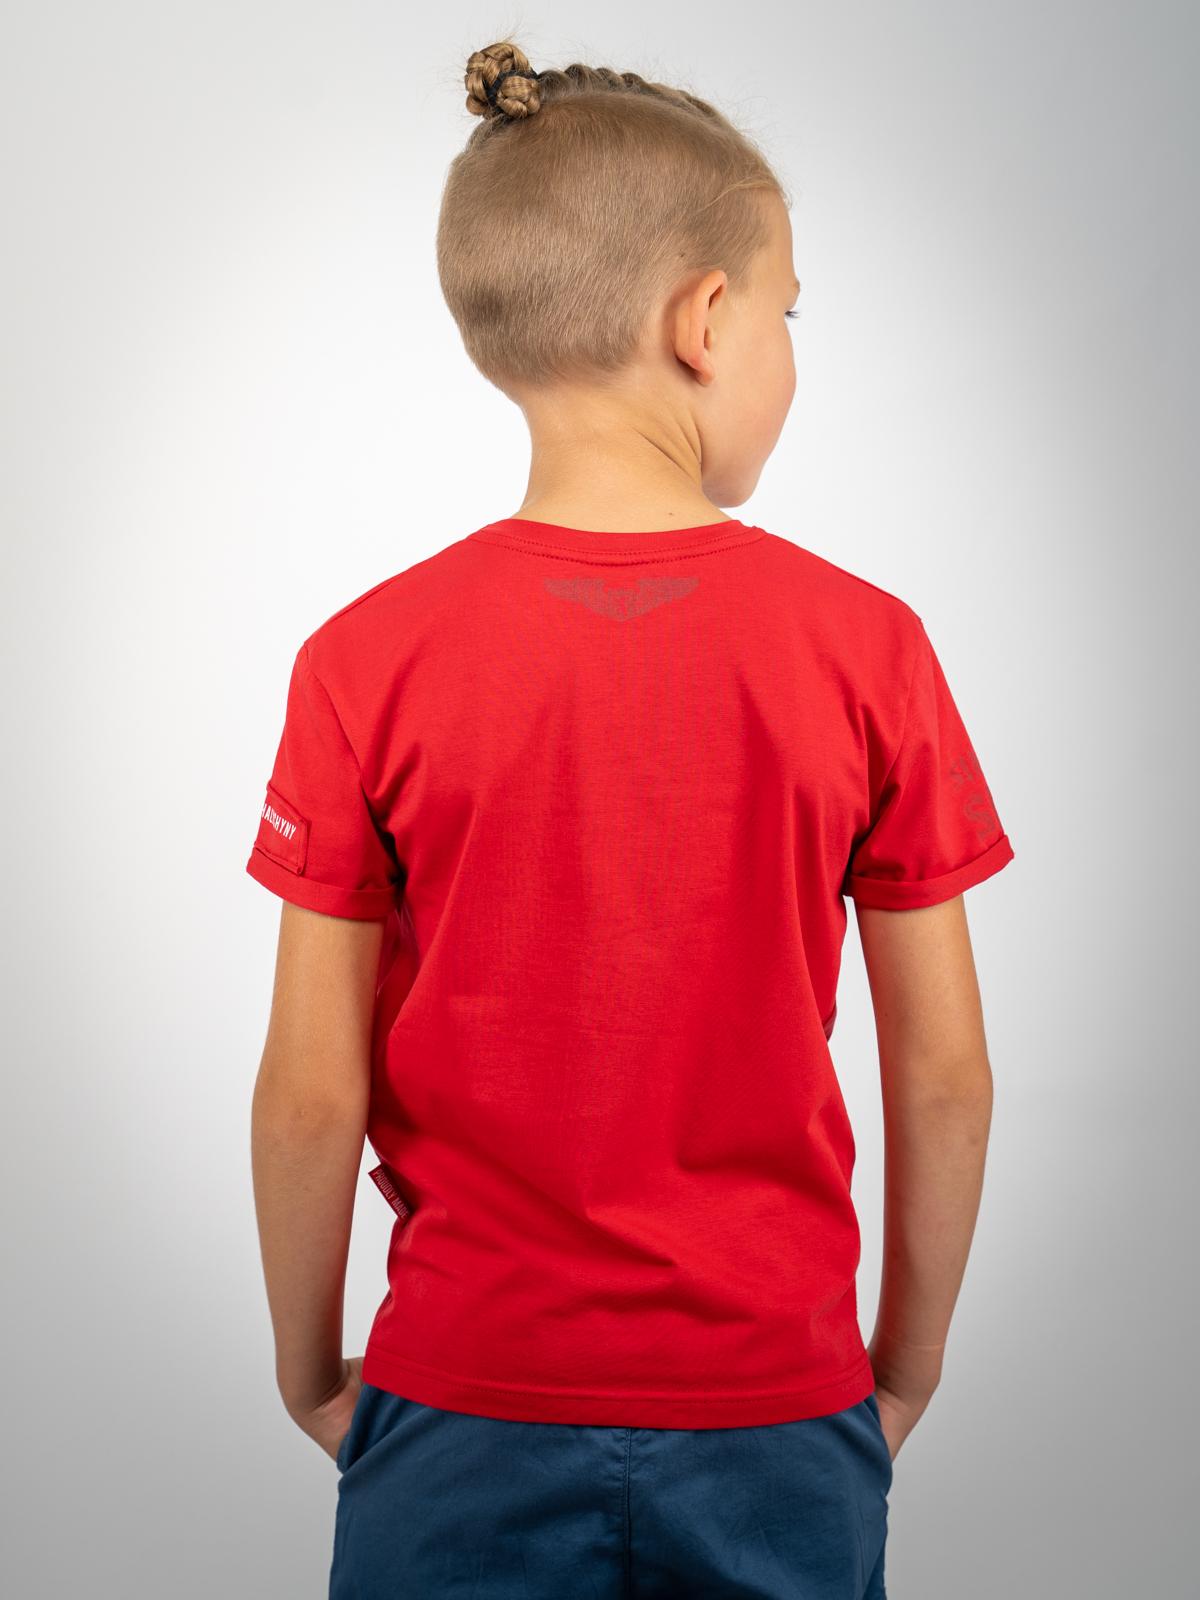 Дитяча Футболка Sikorsky. Колір червоний.  Матеріал: 95% бавовна, 5% спандекс.